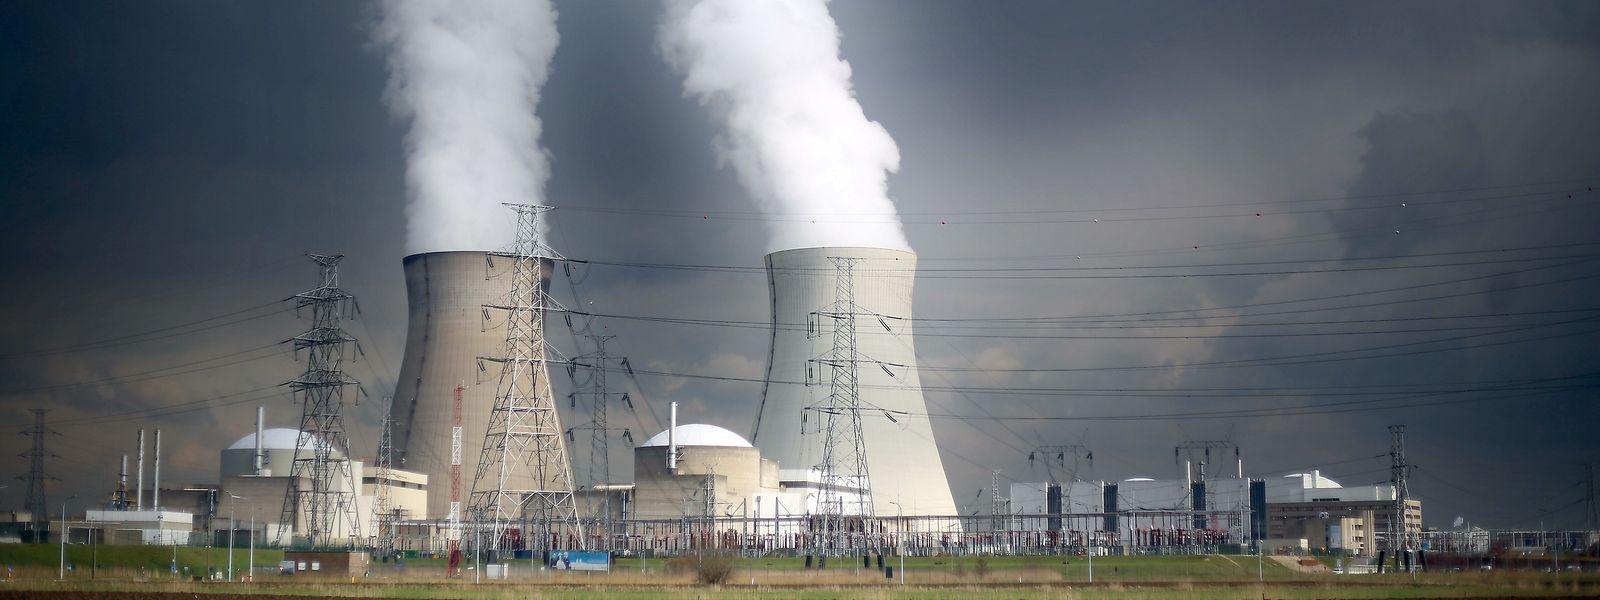 Les réacteurs Doel 1 et Doel 2 devront faire l'objet d'une évaluation environnementale, indique lundi la CJUE.